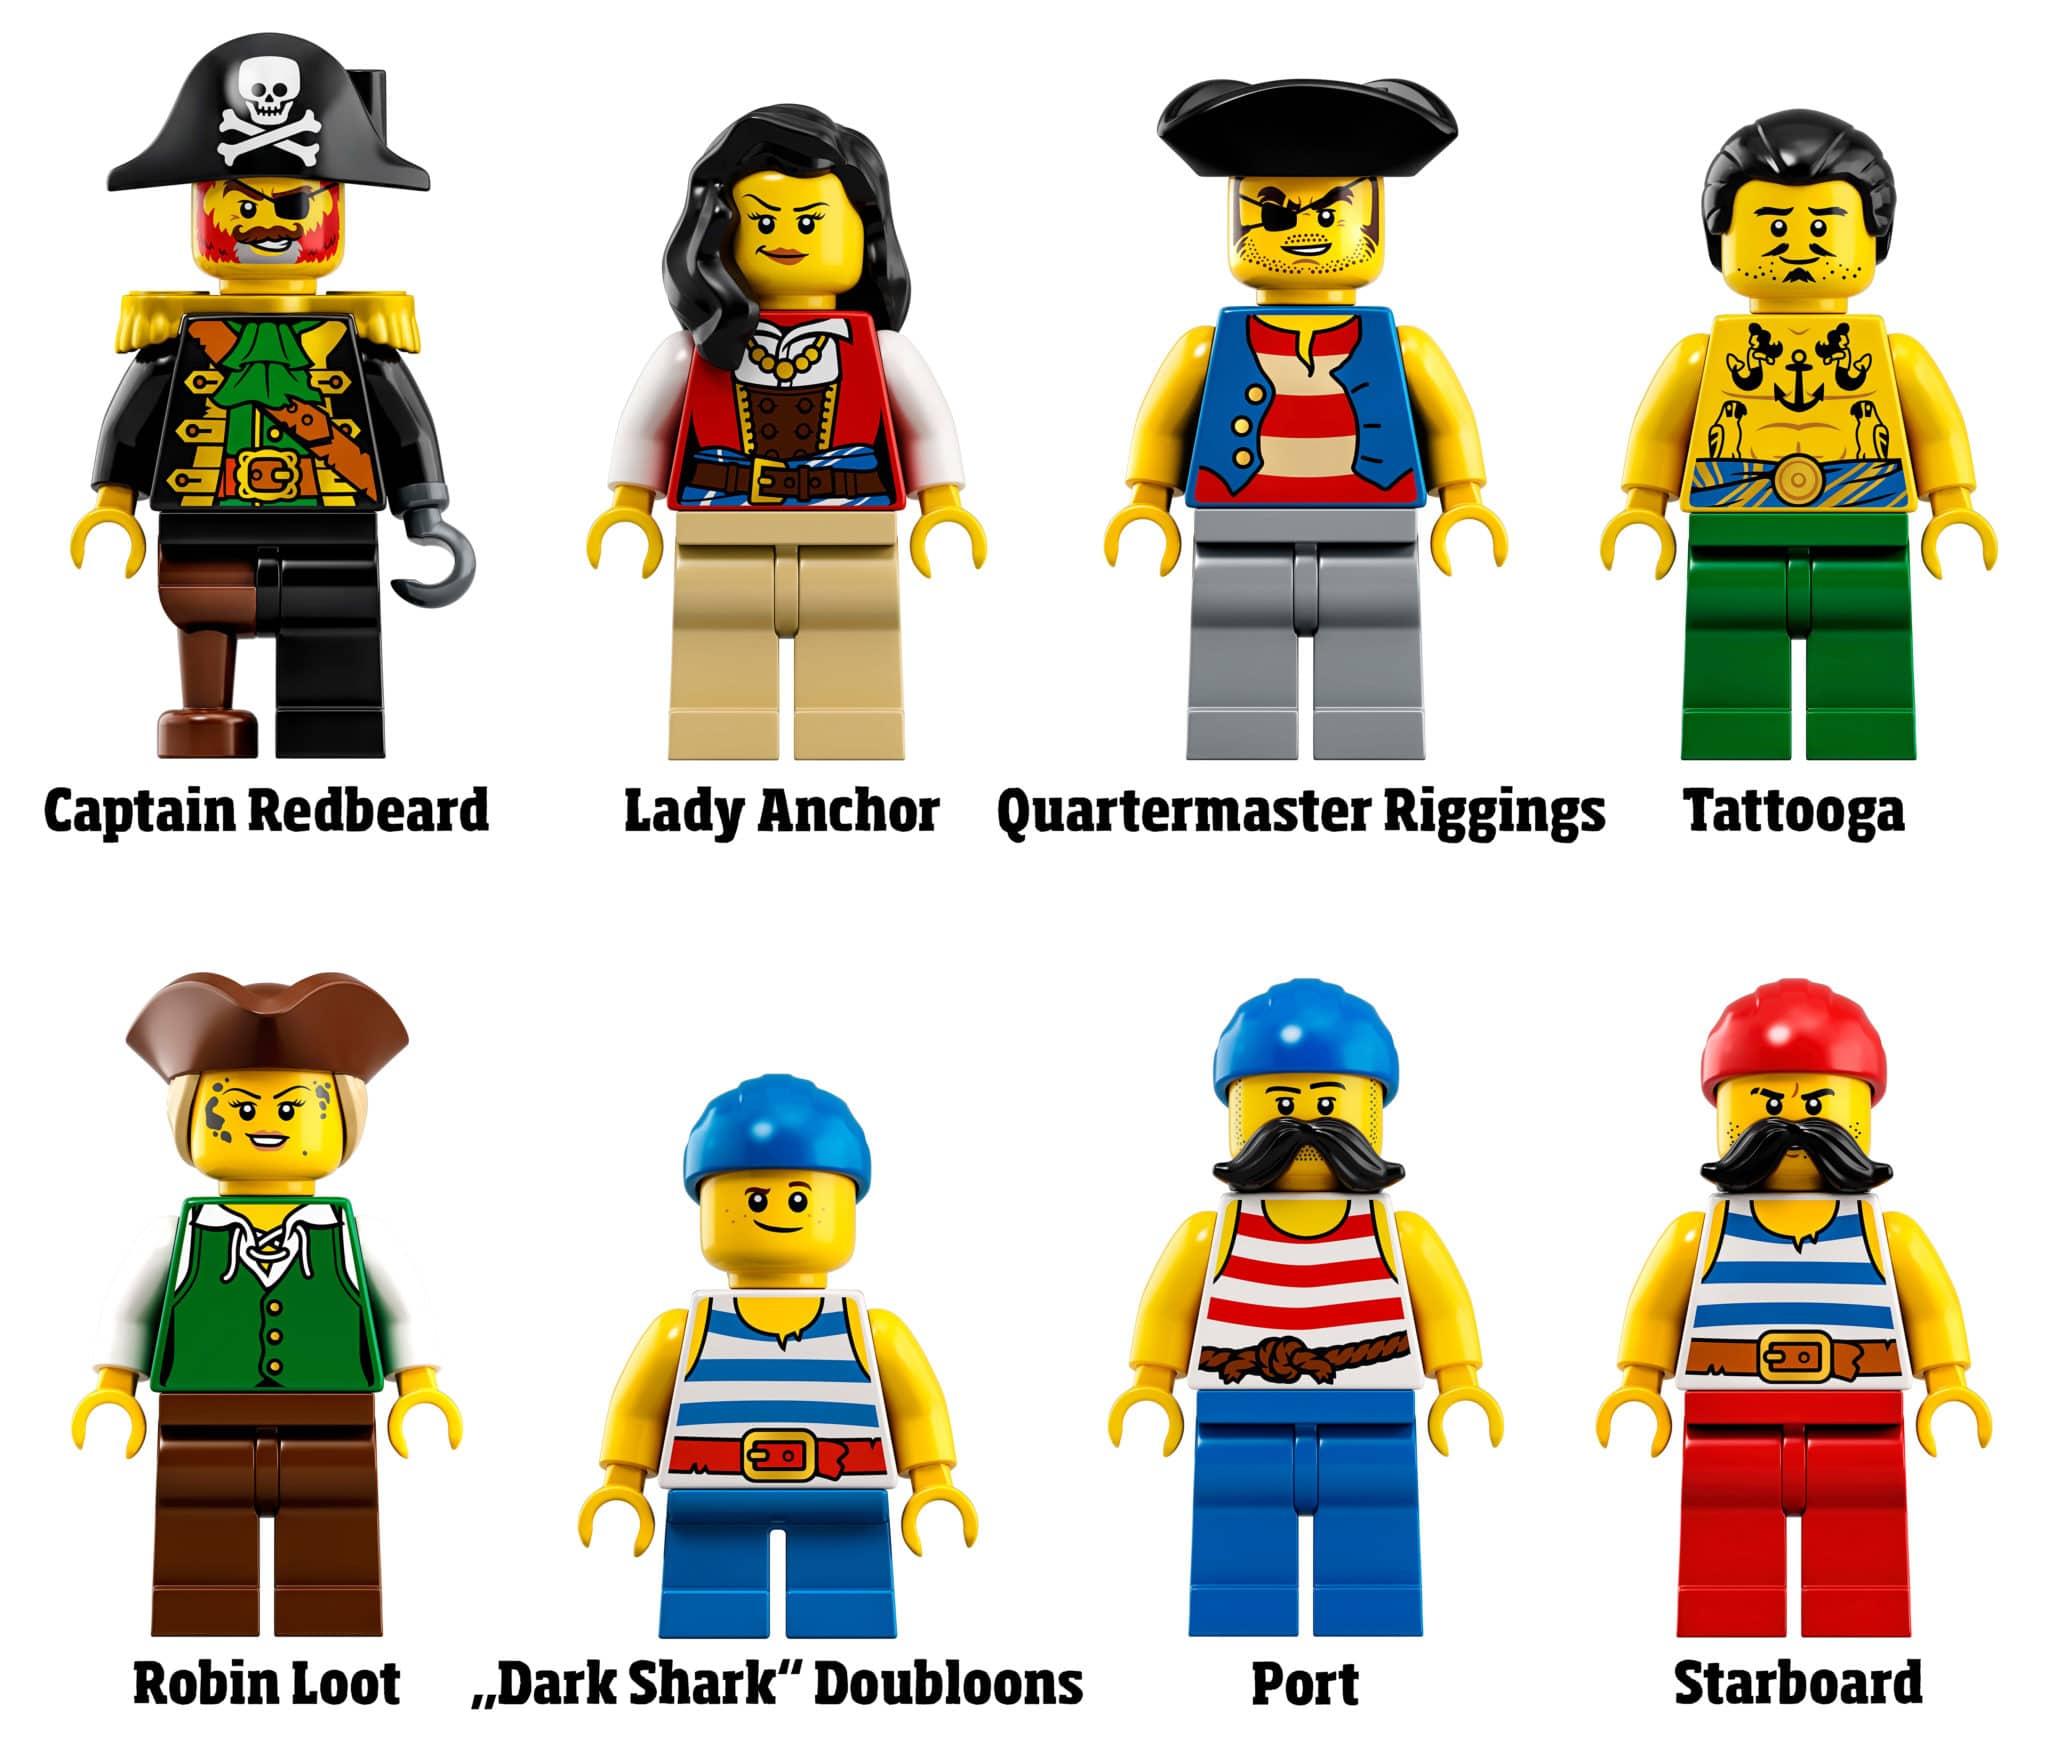 LEGO 21322 Minifiguren: Die Charaktere der Pirates of Barracuda Bay